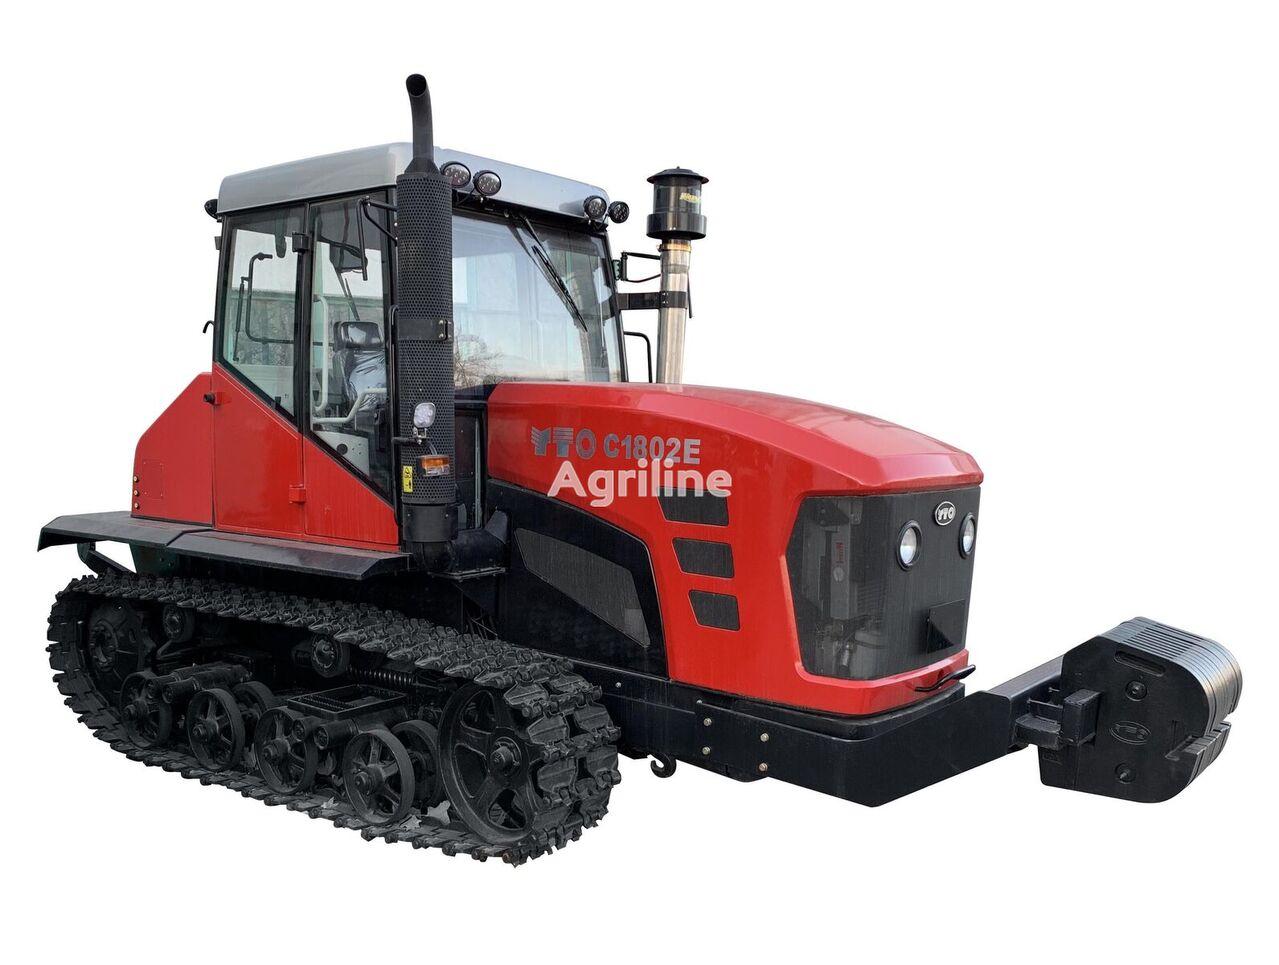 新履带式拖拉机 YTO C1802